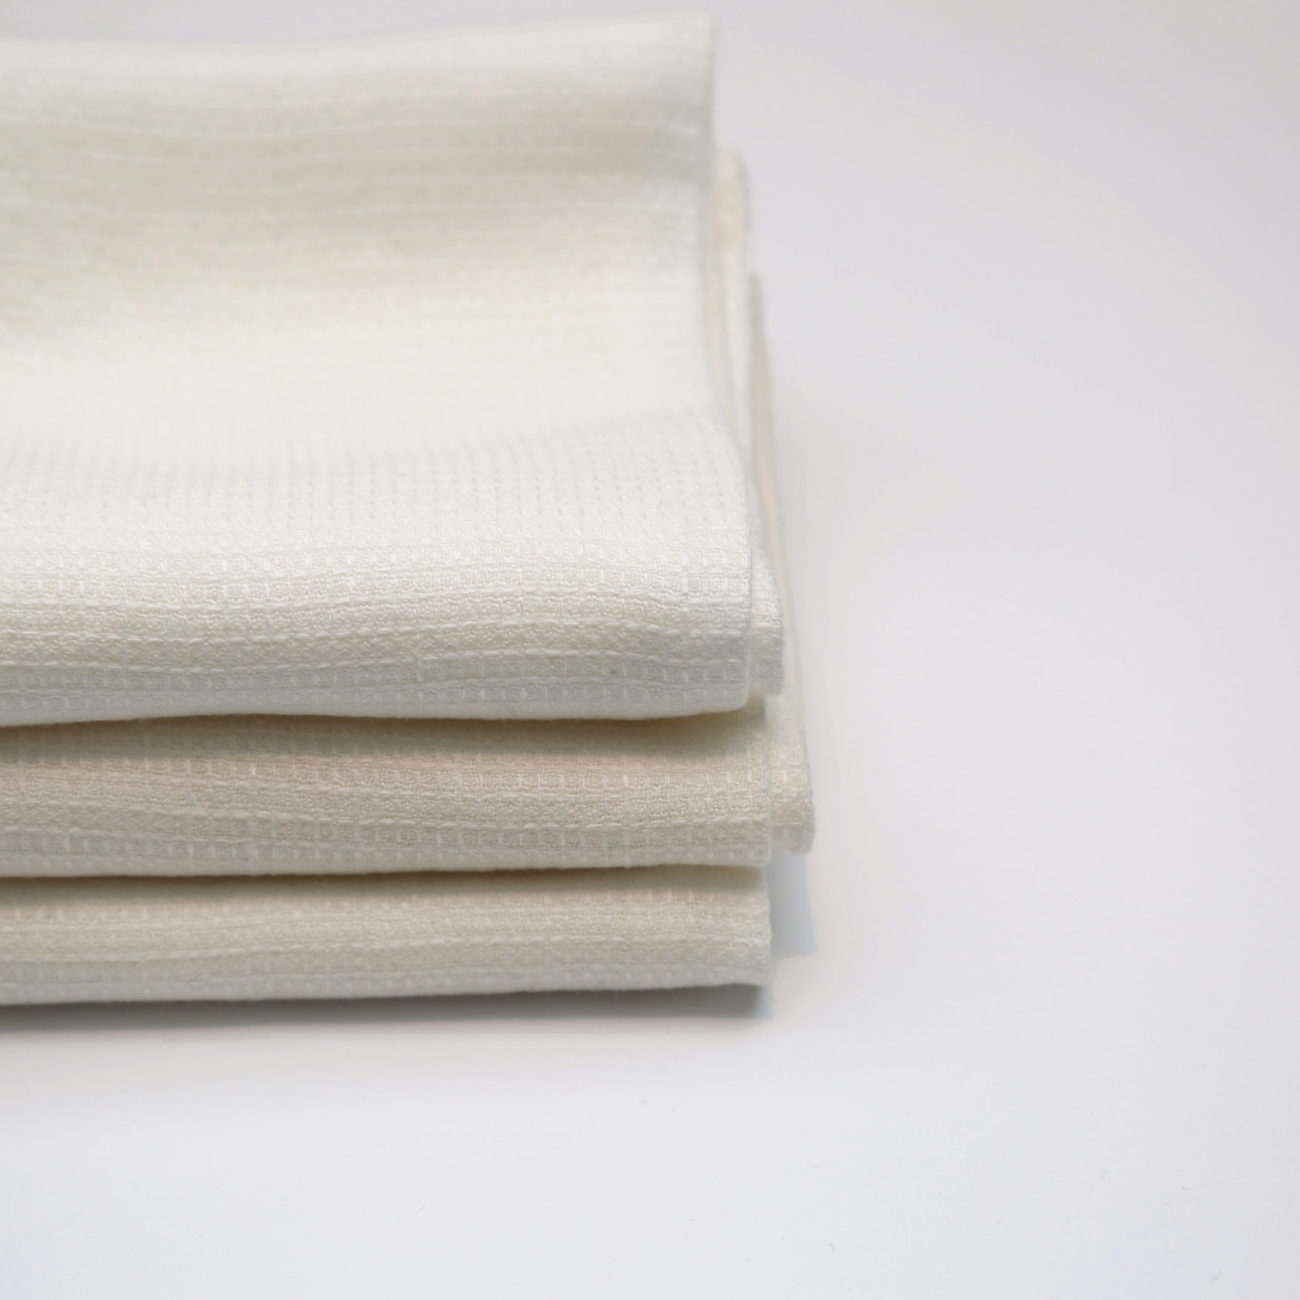 Parisian Guest Towels, White